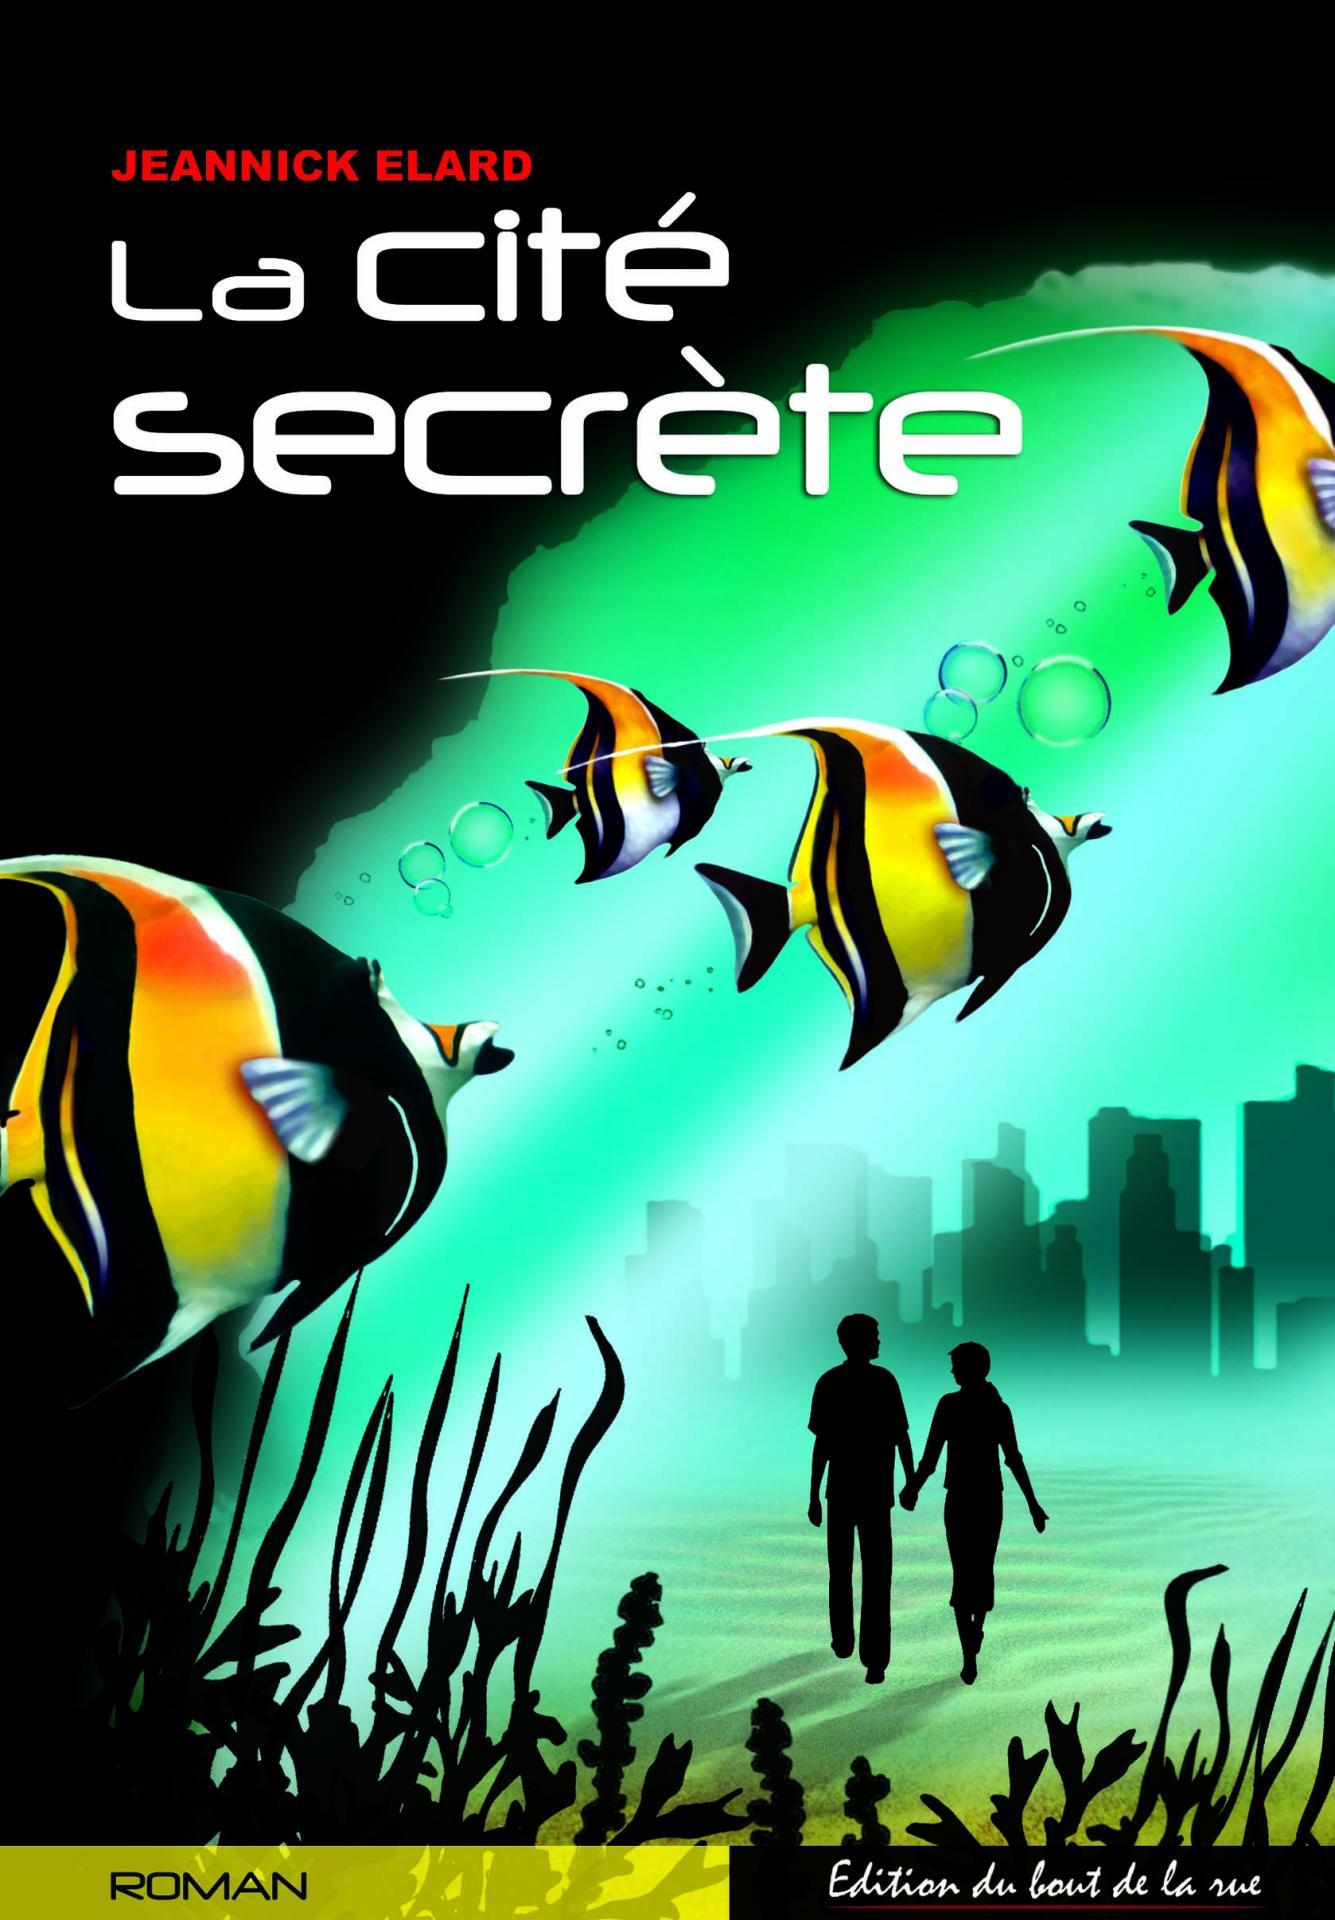 Cite secrete